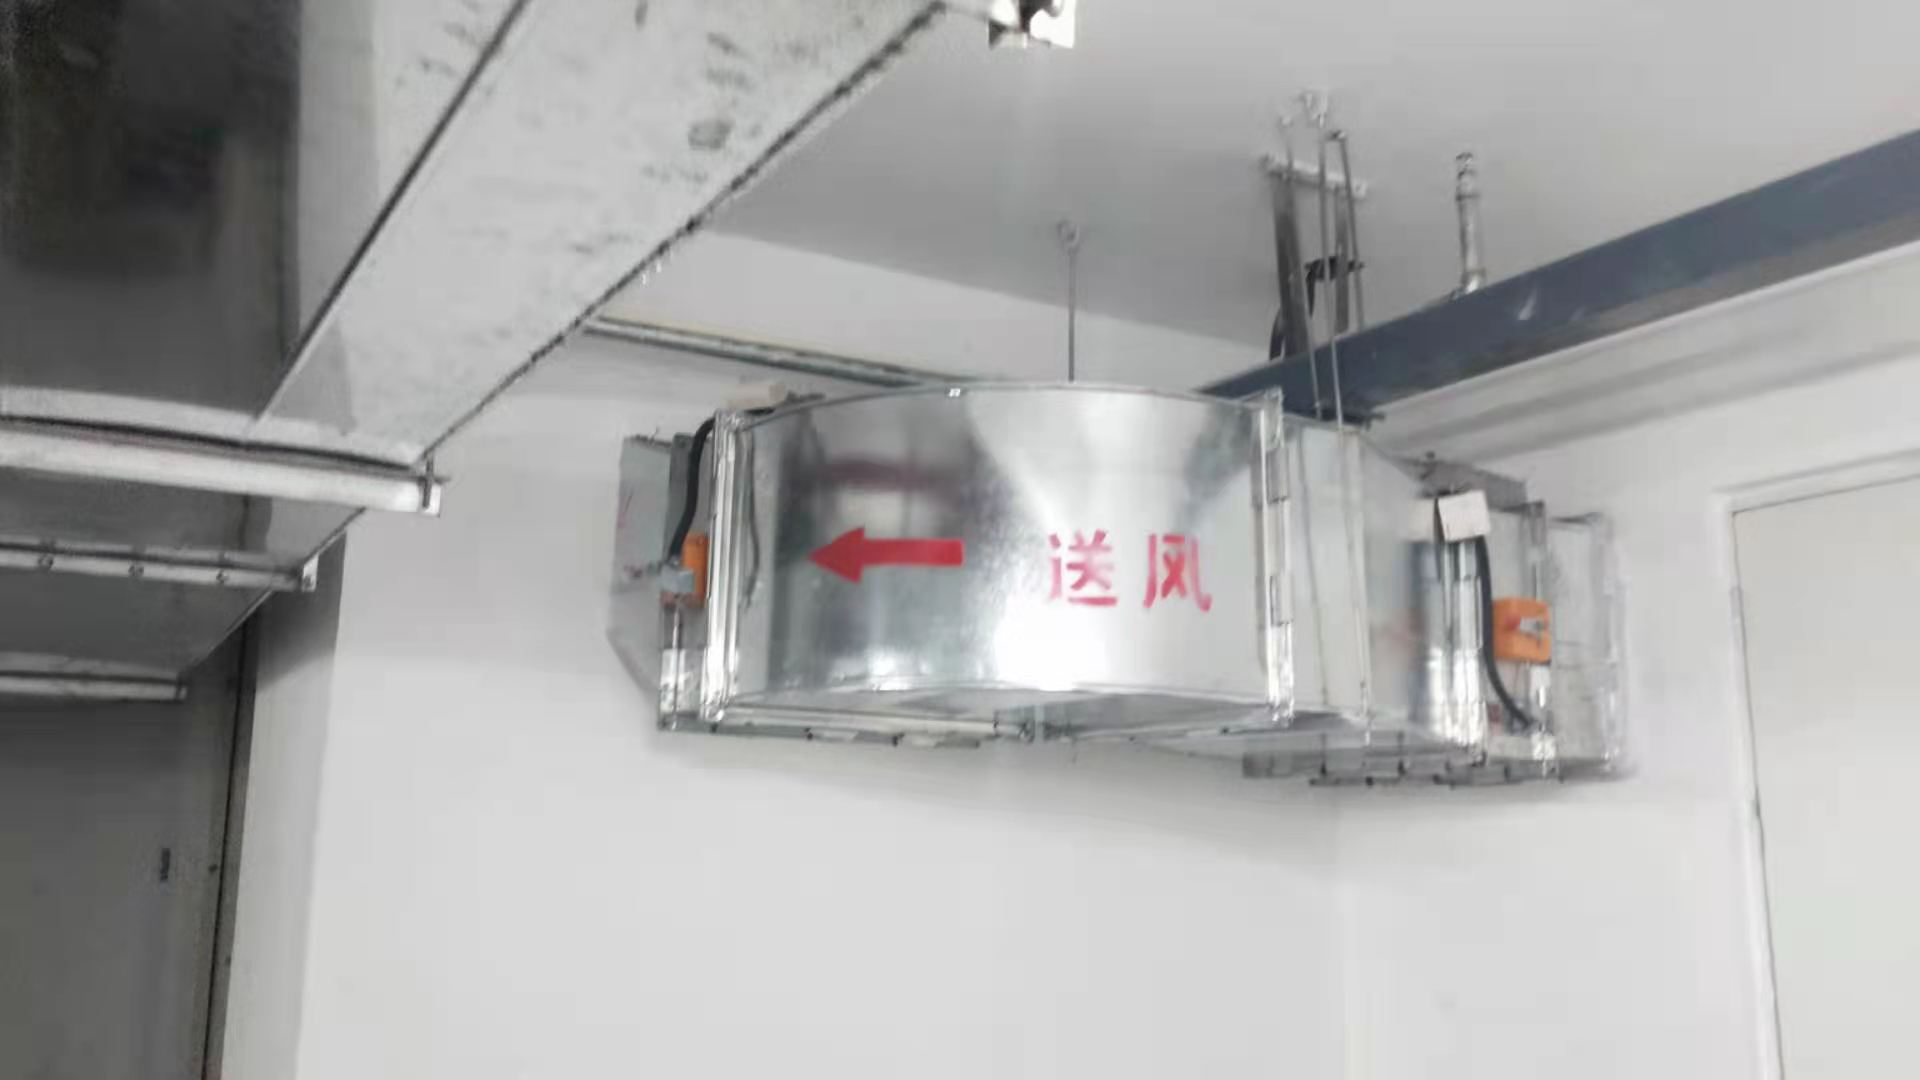 怎样选择合适的陕西通风管道安装?小编给大家分享